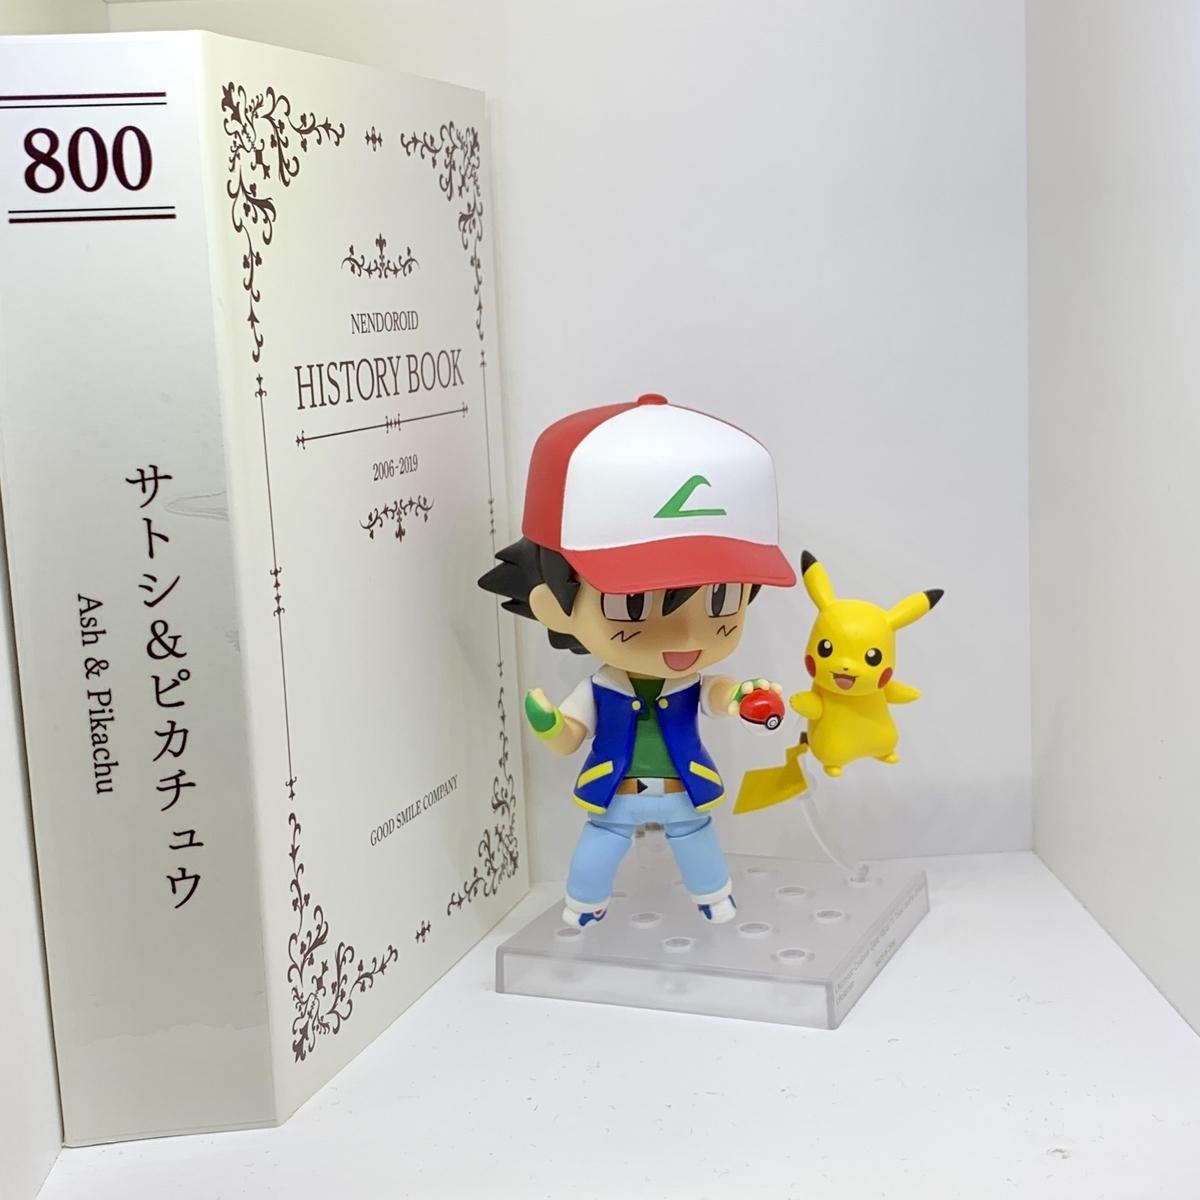 f:id:pikachu_pcn:20191021232846j:plain